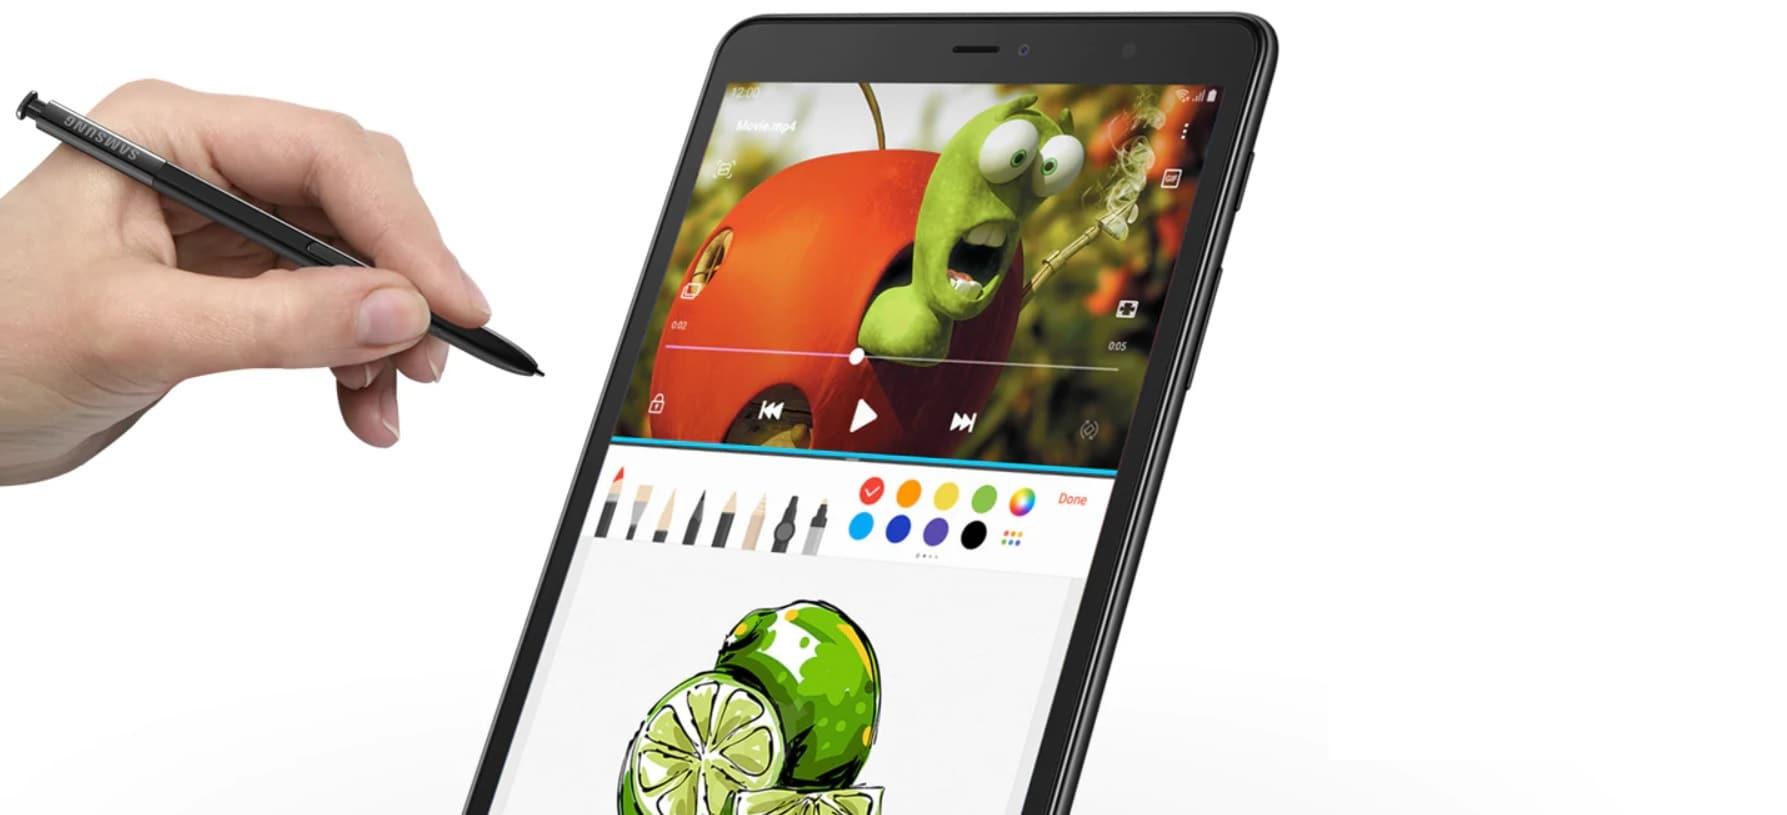 Galaxy Tab A: έρχεται το νέο Tab της Samsung